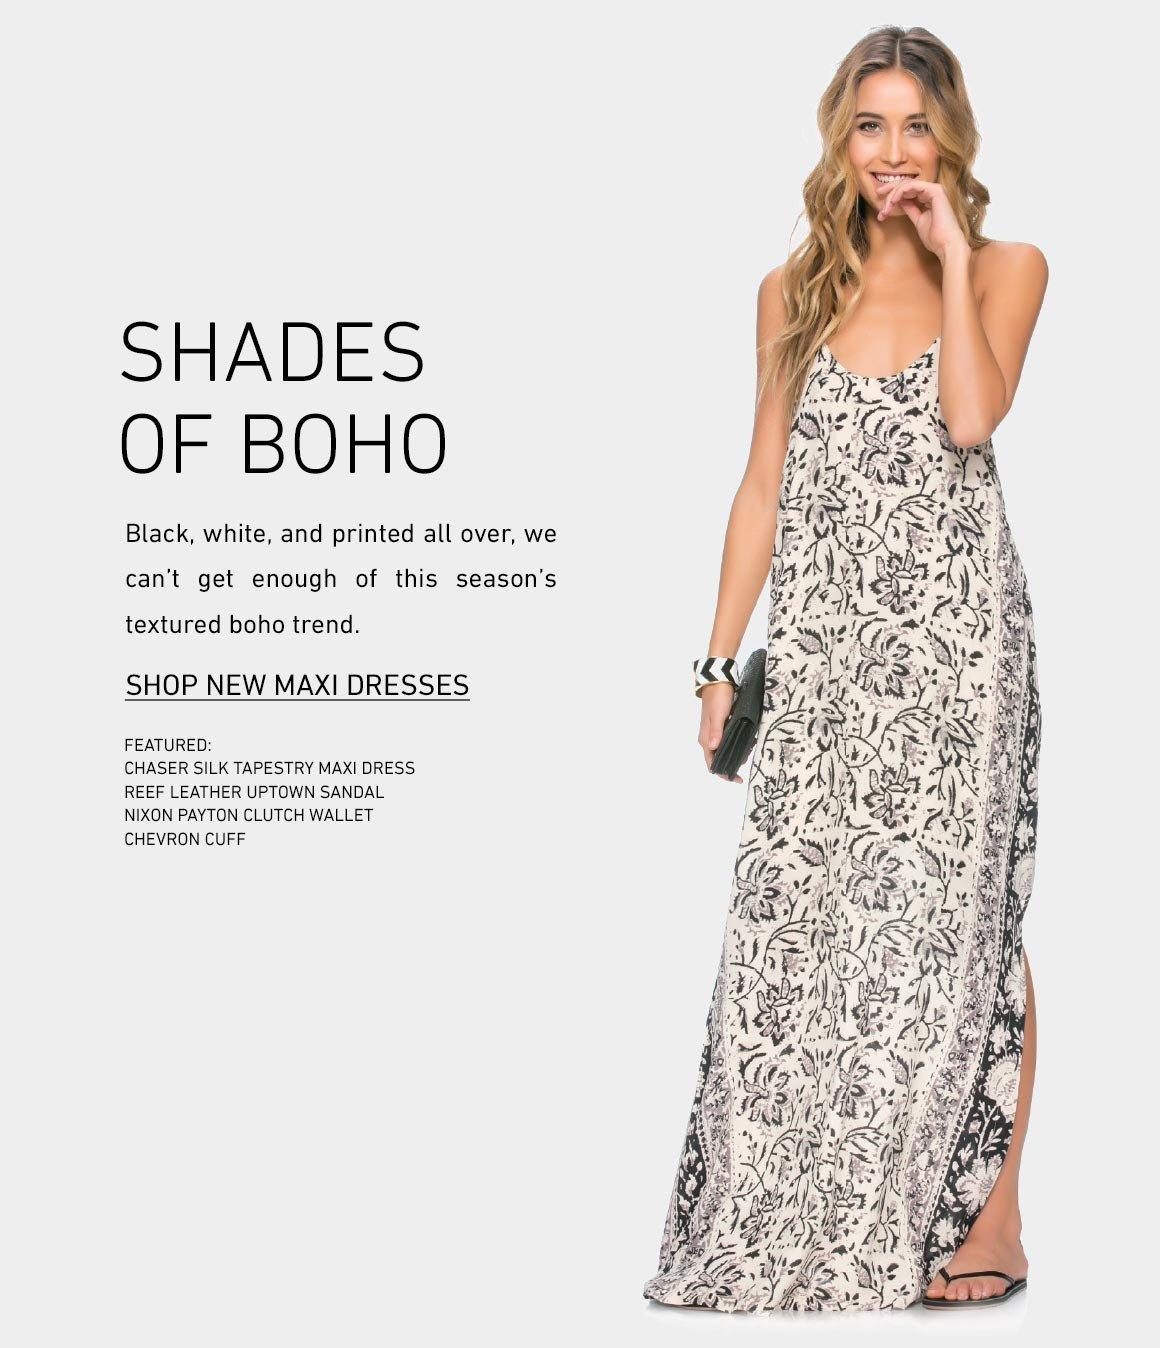 Shades of Boho: New Maxi Dresses